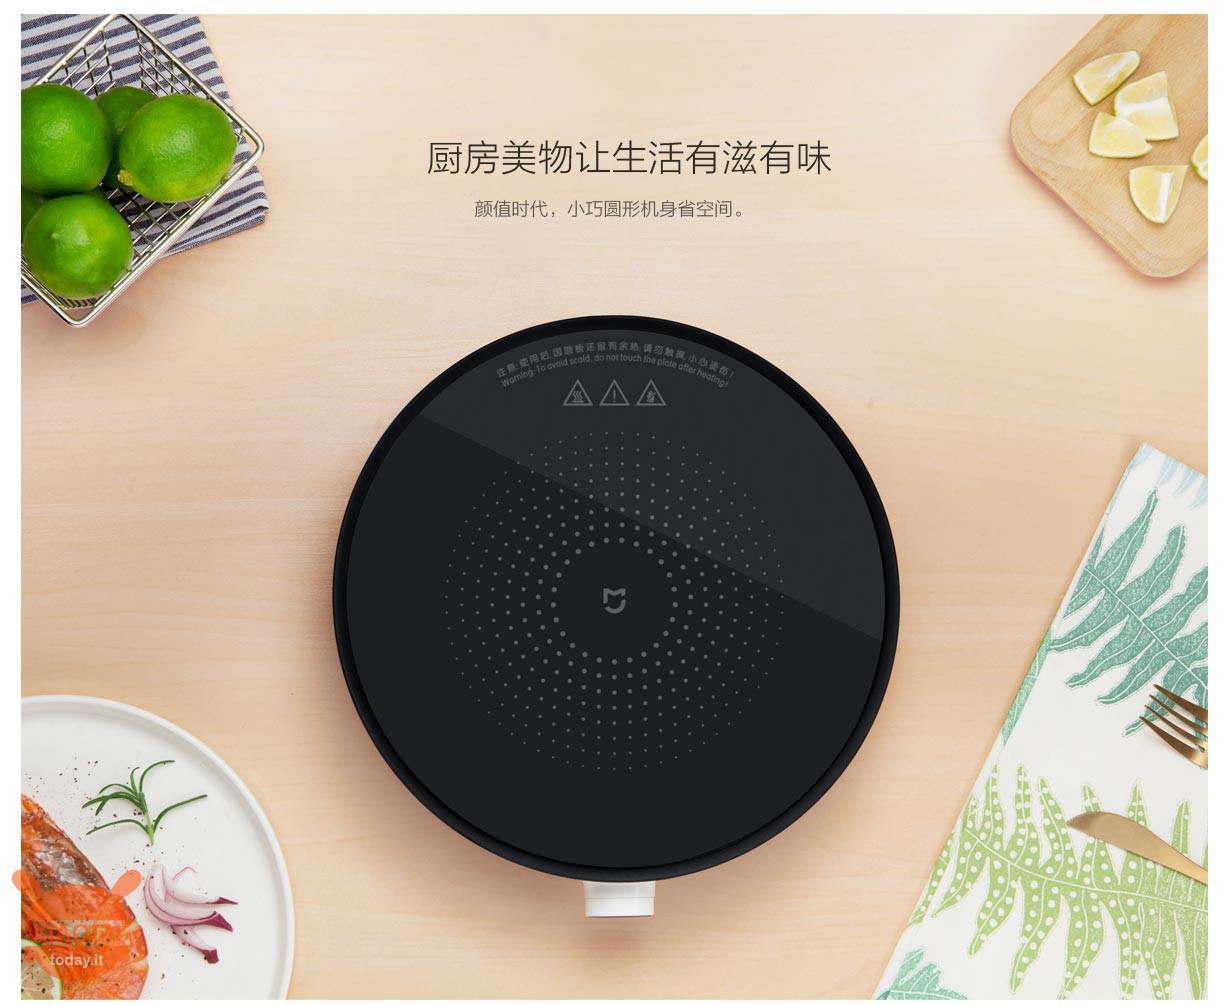 Bếp Cảm Ứng Điện Từ Xiaomi MiJia - Hàng Chính Hãng